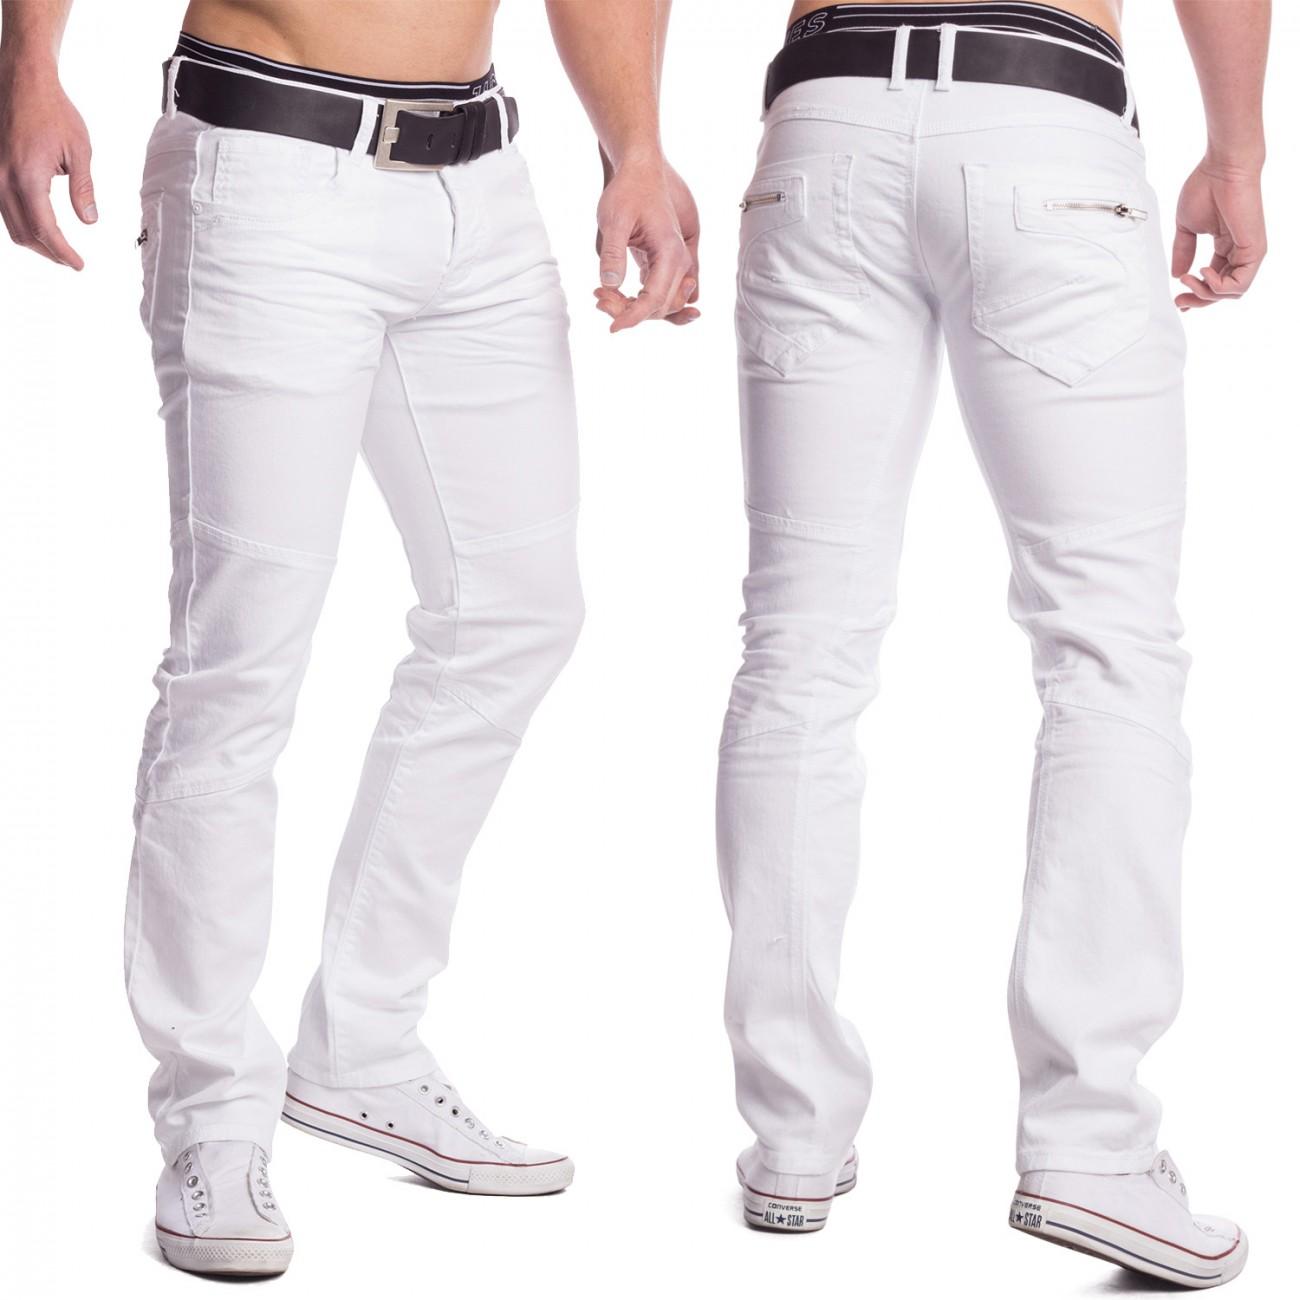 Herren Jeans weiß Denim Sommerhose Slim Fit Hose Baumwolle 5-Pocket ...